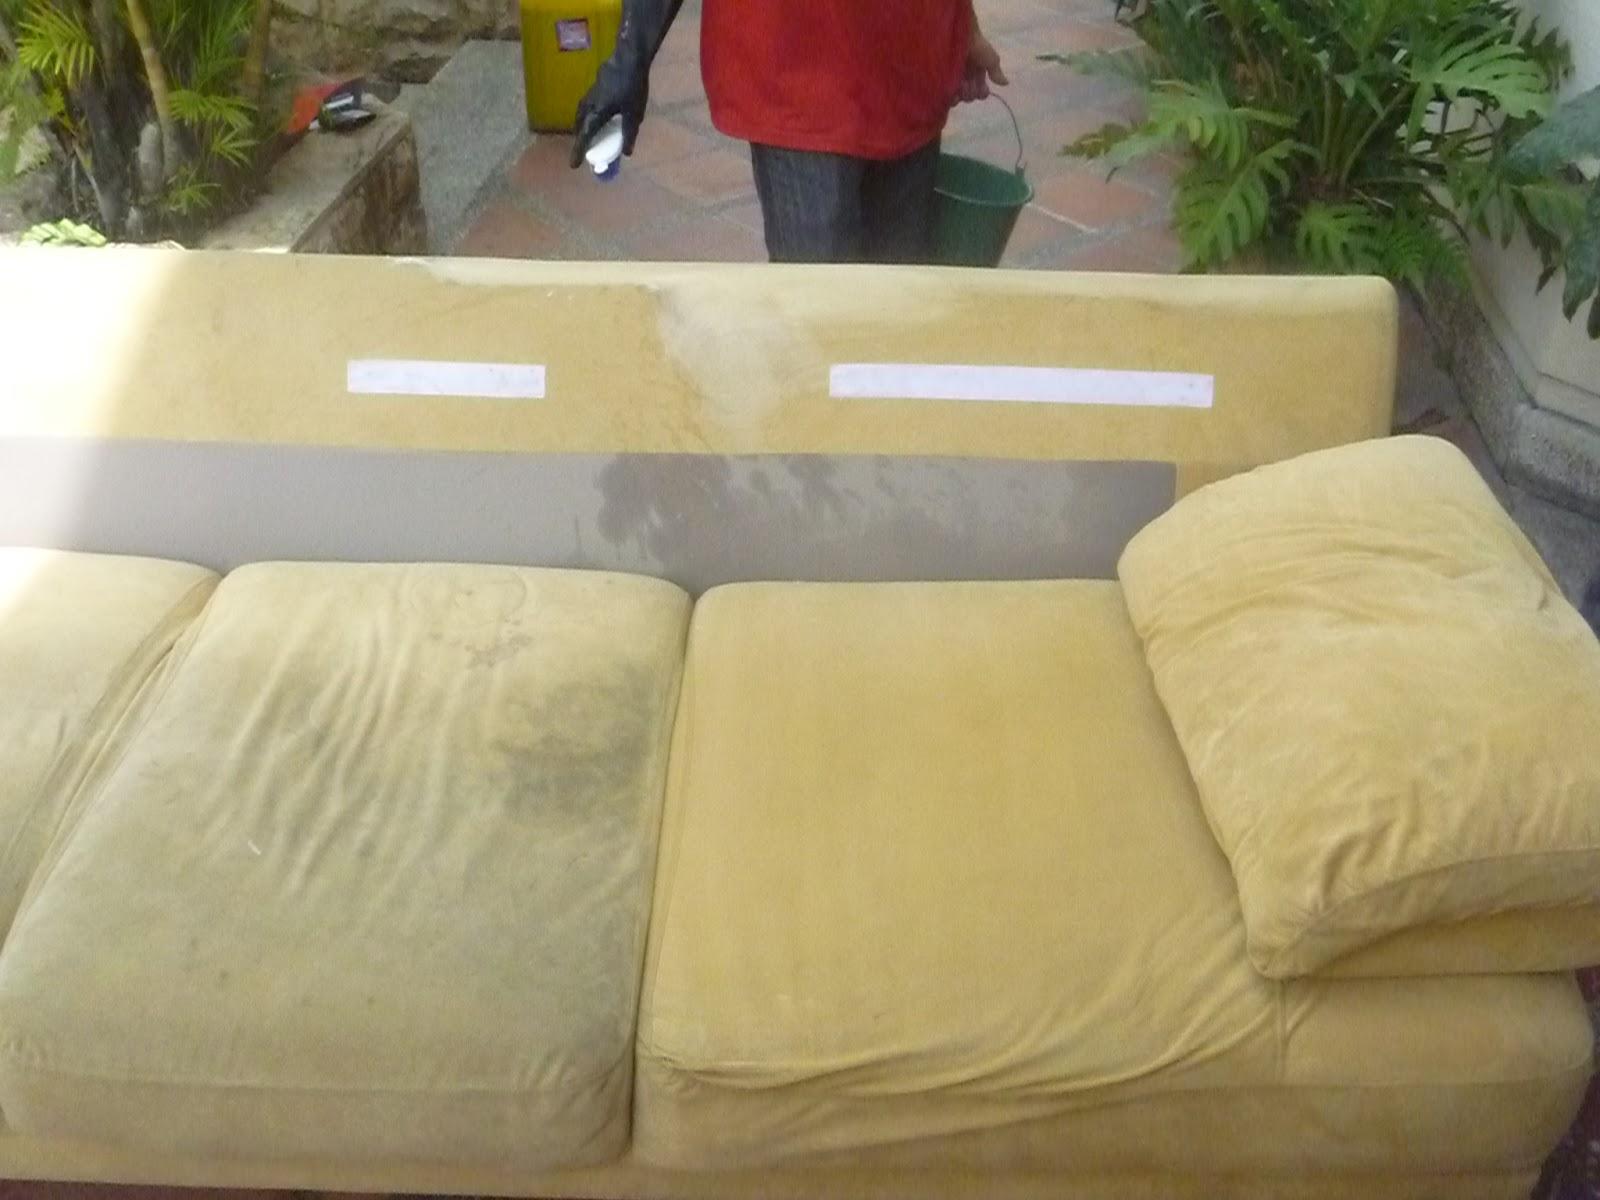 Lavado de muebles samcleaning guayaquil 2 814904 lavado - Lacados de muebles ...